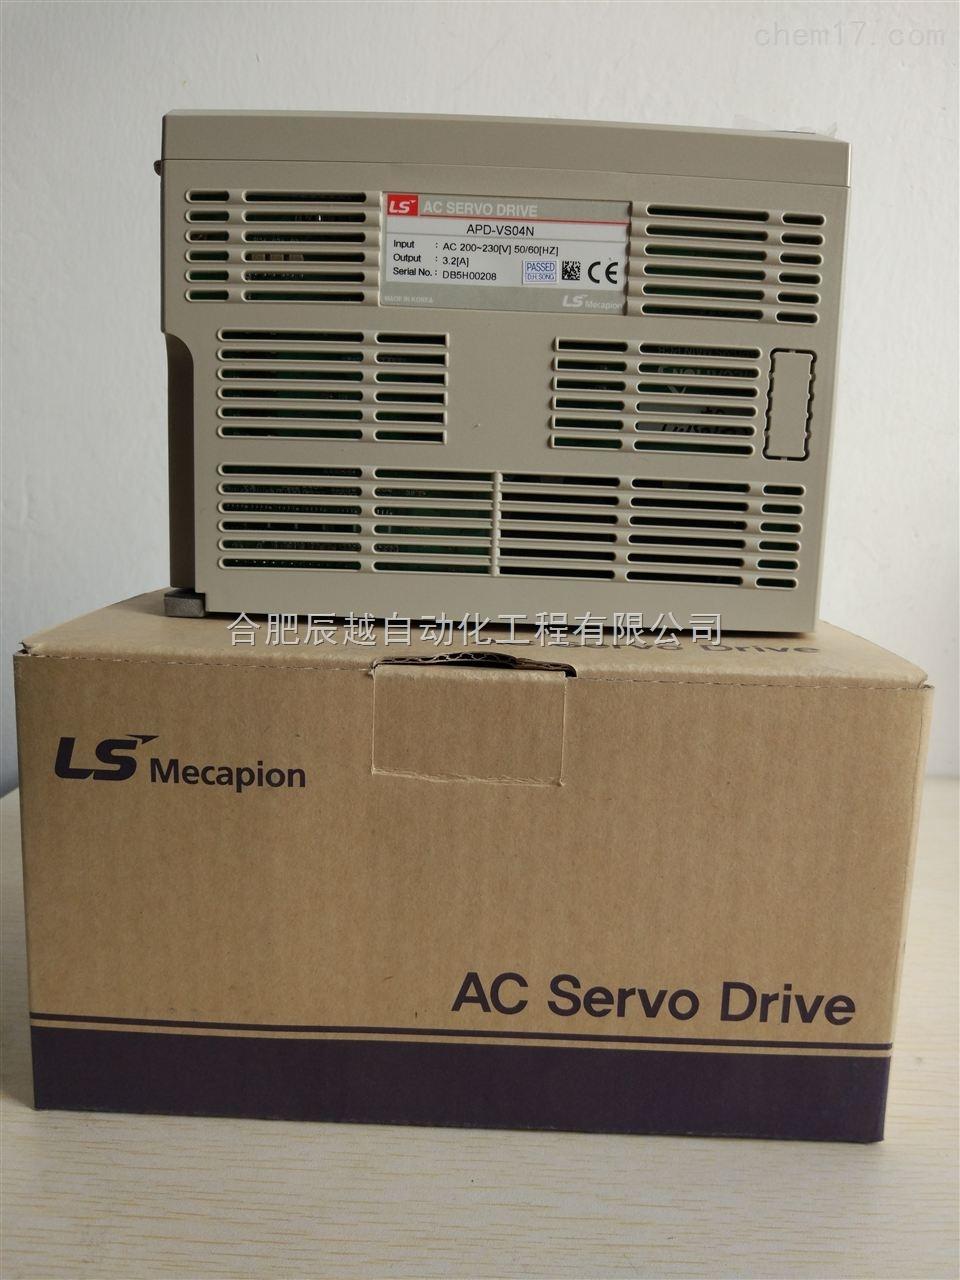 合肥现货APD-VS04N驱动器可代替APD-VS02N伺服驱动器